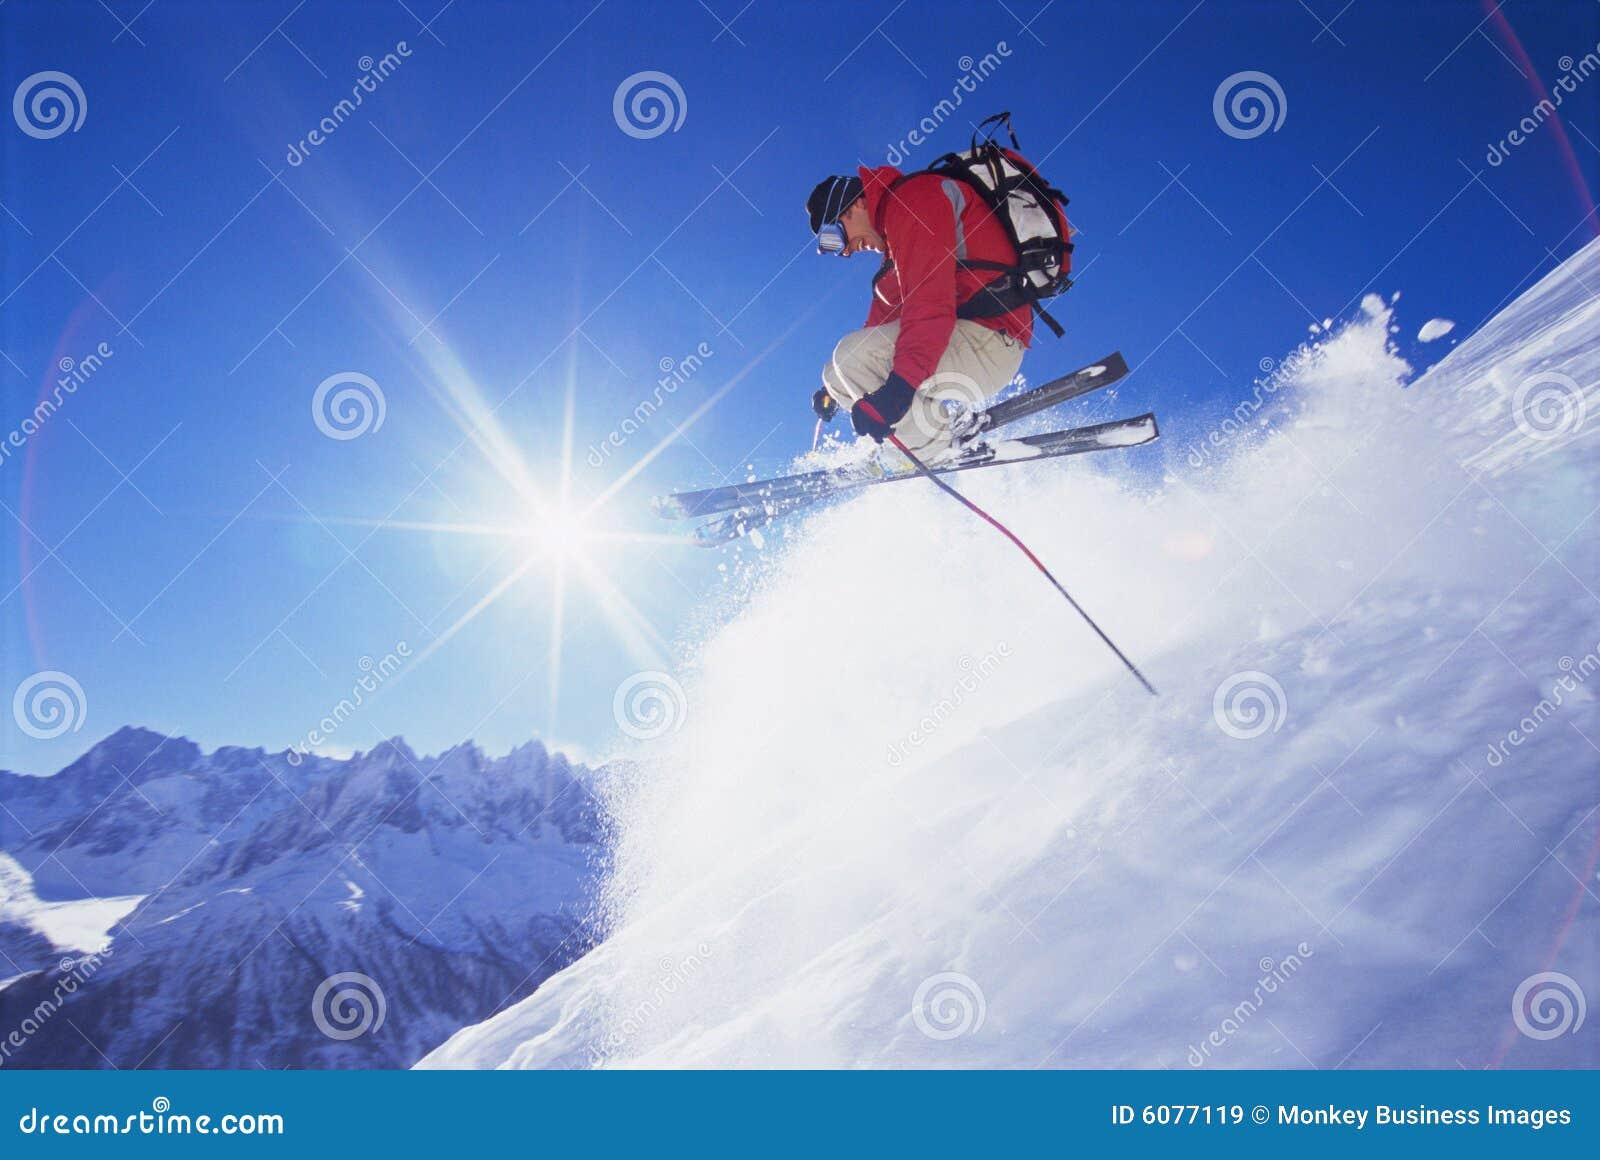 人滑雪年轻人